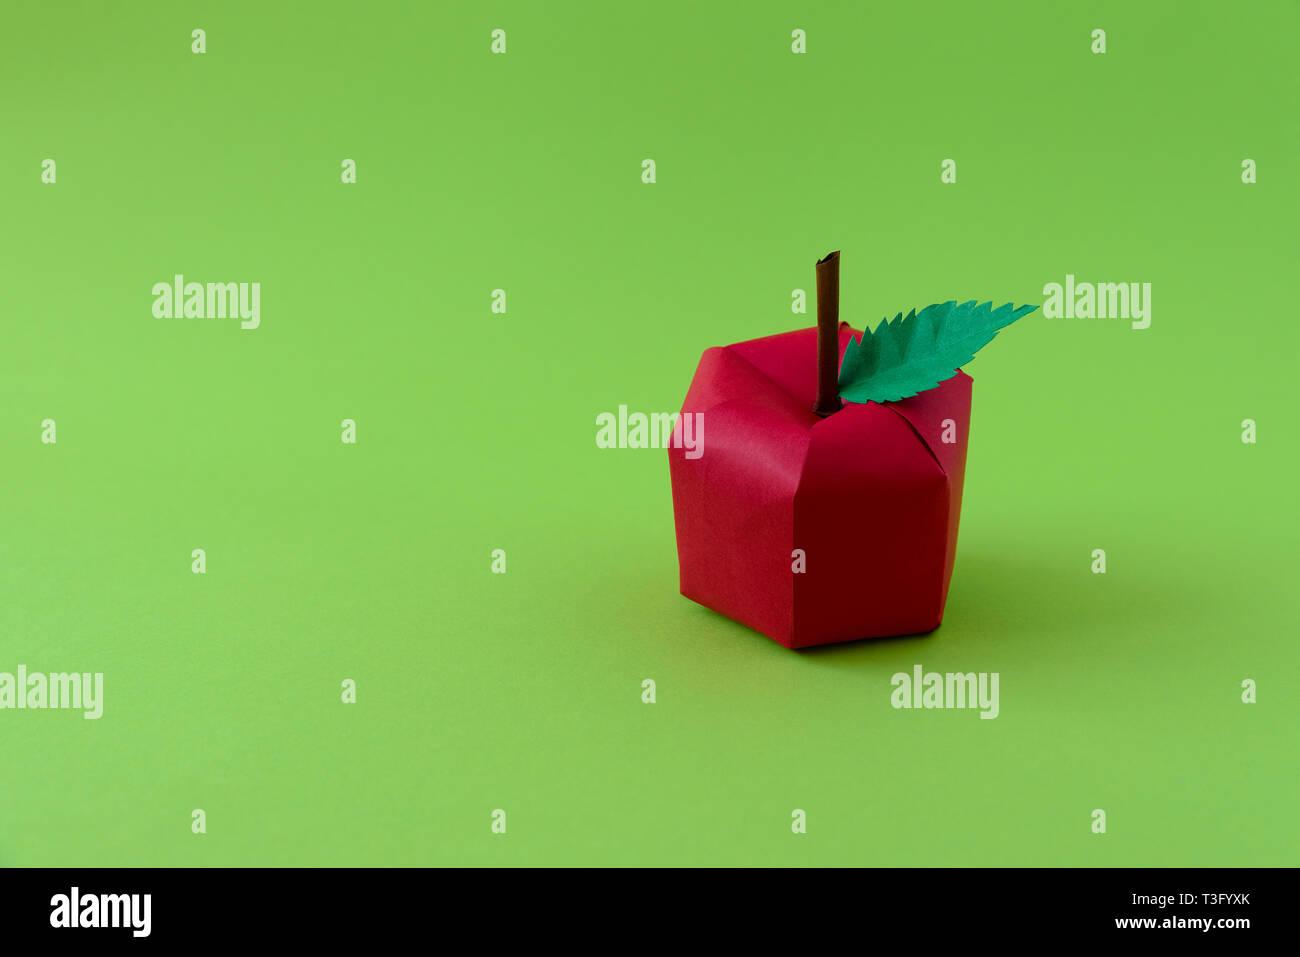 Apple Costituito Da Carta Su Sfondo Verde Frutta Fresca Il Minimo